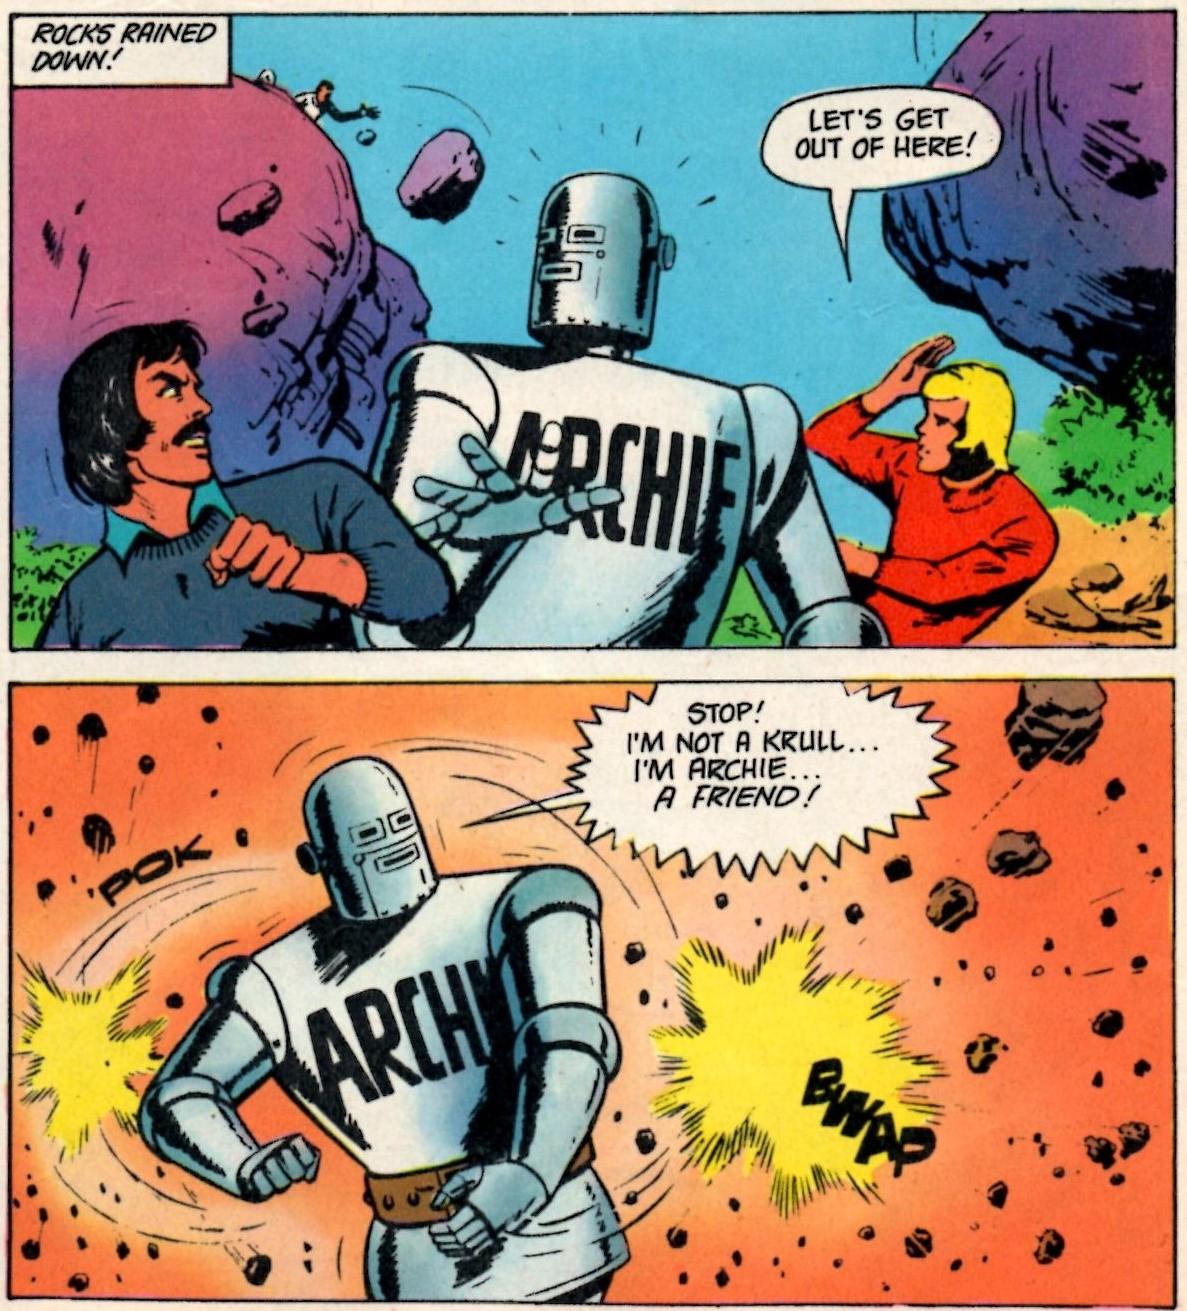 Robot Archie (Vulcan, 25 October 1975): E George Cowan (writer), Bert Bus (artist)